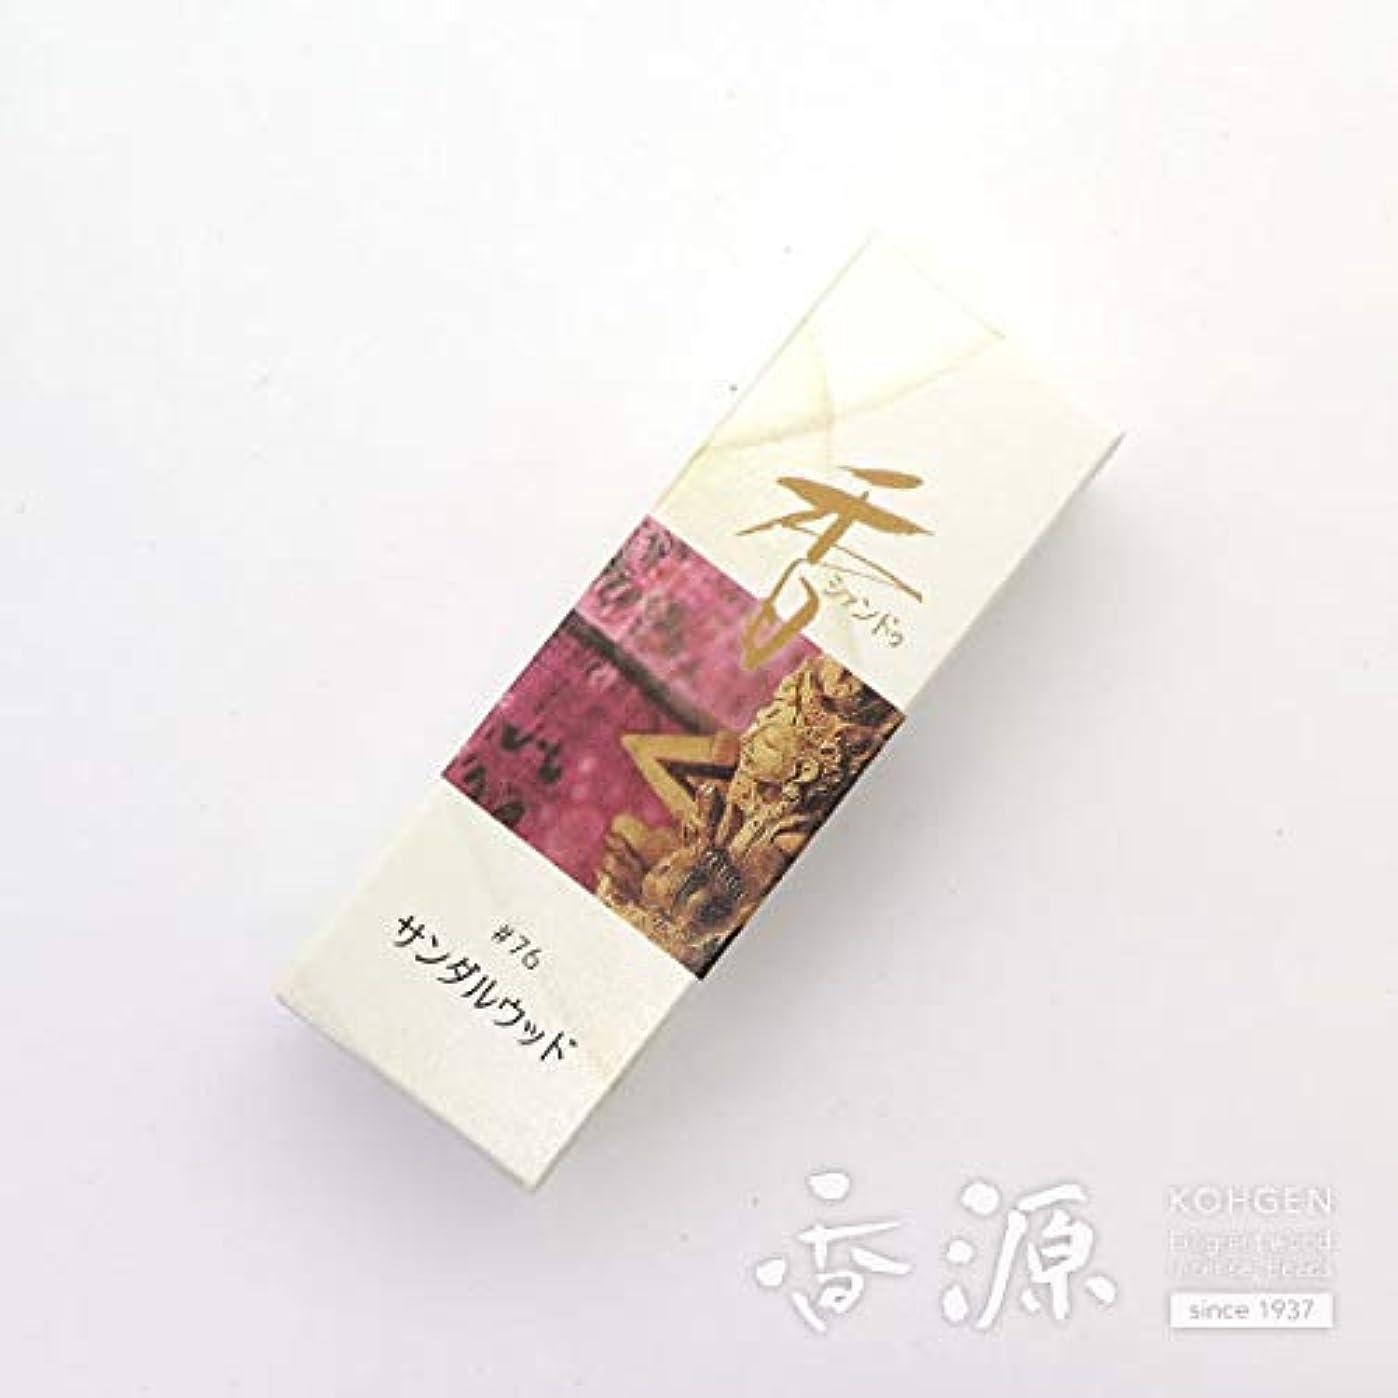 無限大集団的保持する松栄堂のお香 Xiang Do サンダルウッド ST20本入 簡易香立付 #214276